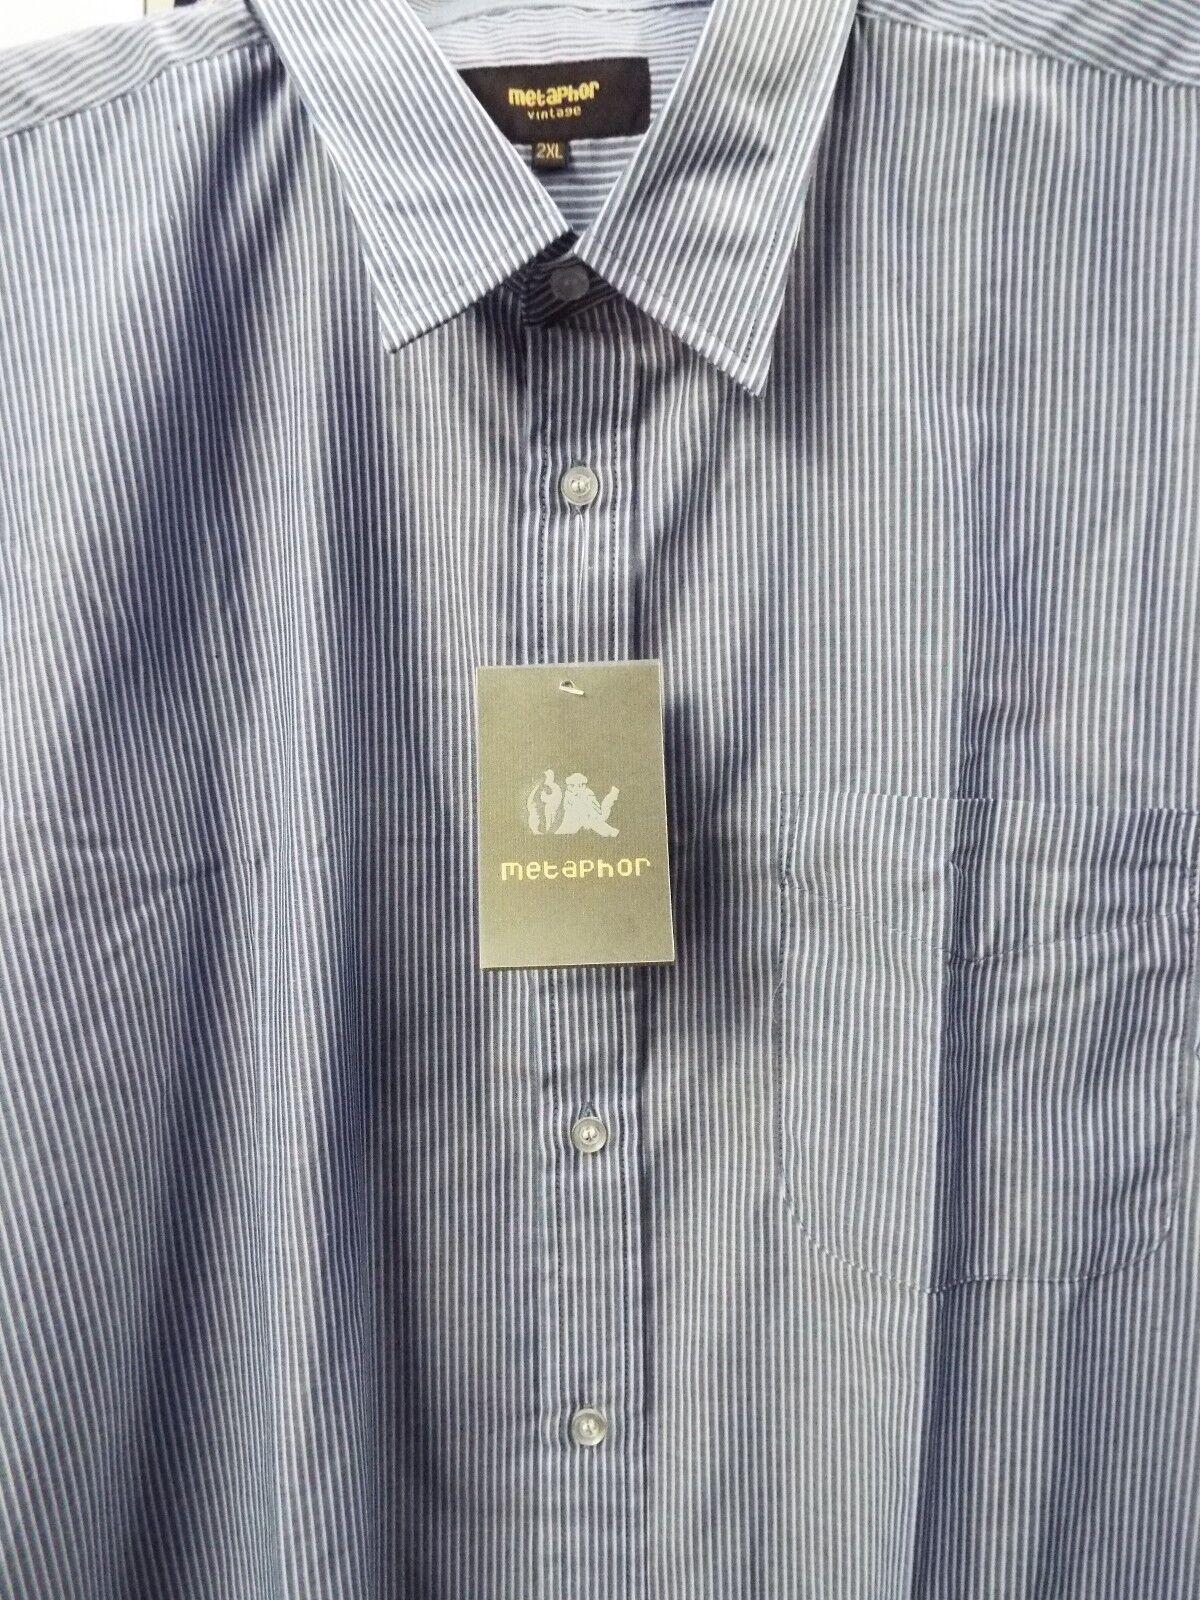 14362 M-5XL Metaphor Short Sleeve Summer Shirt